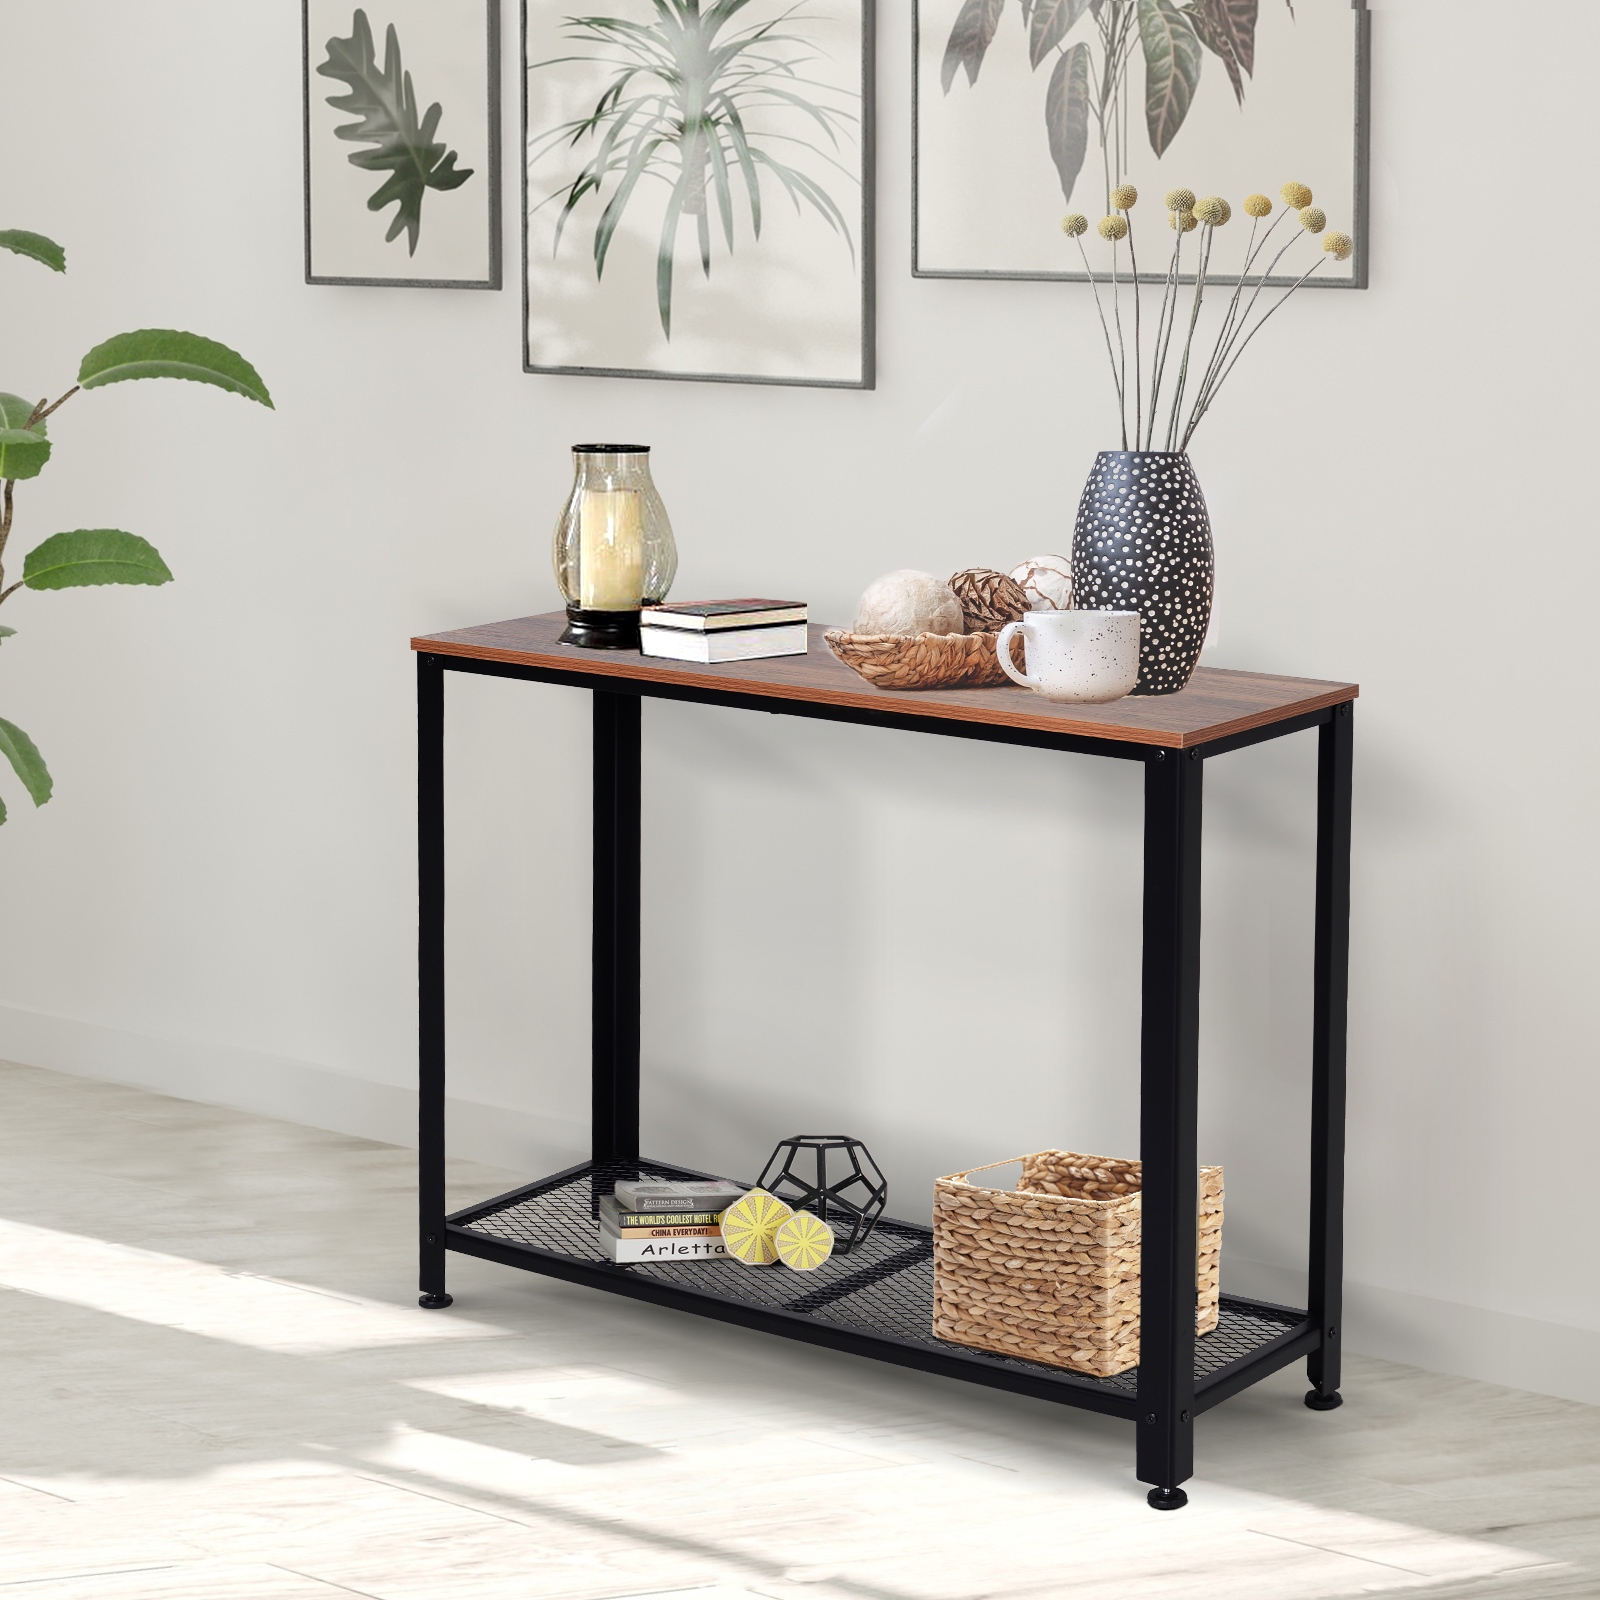 Table console vintage industriel pieds réglables